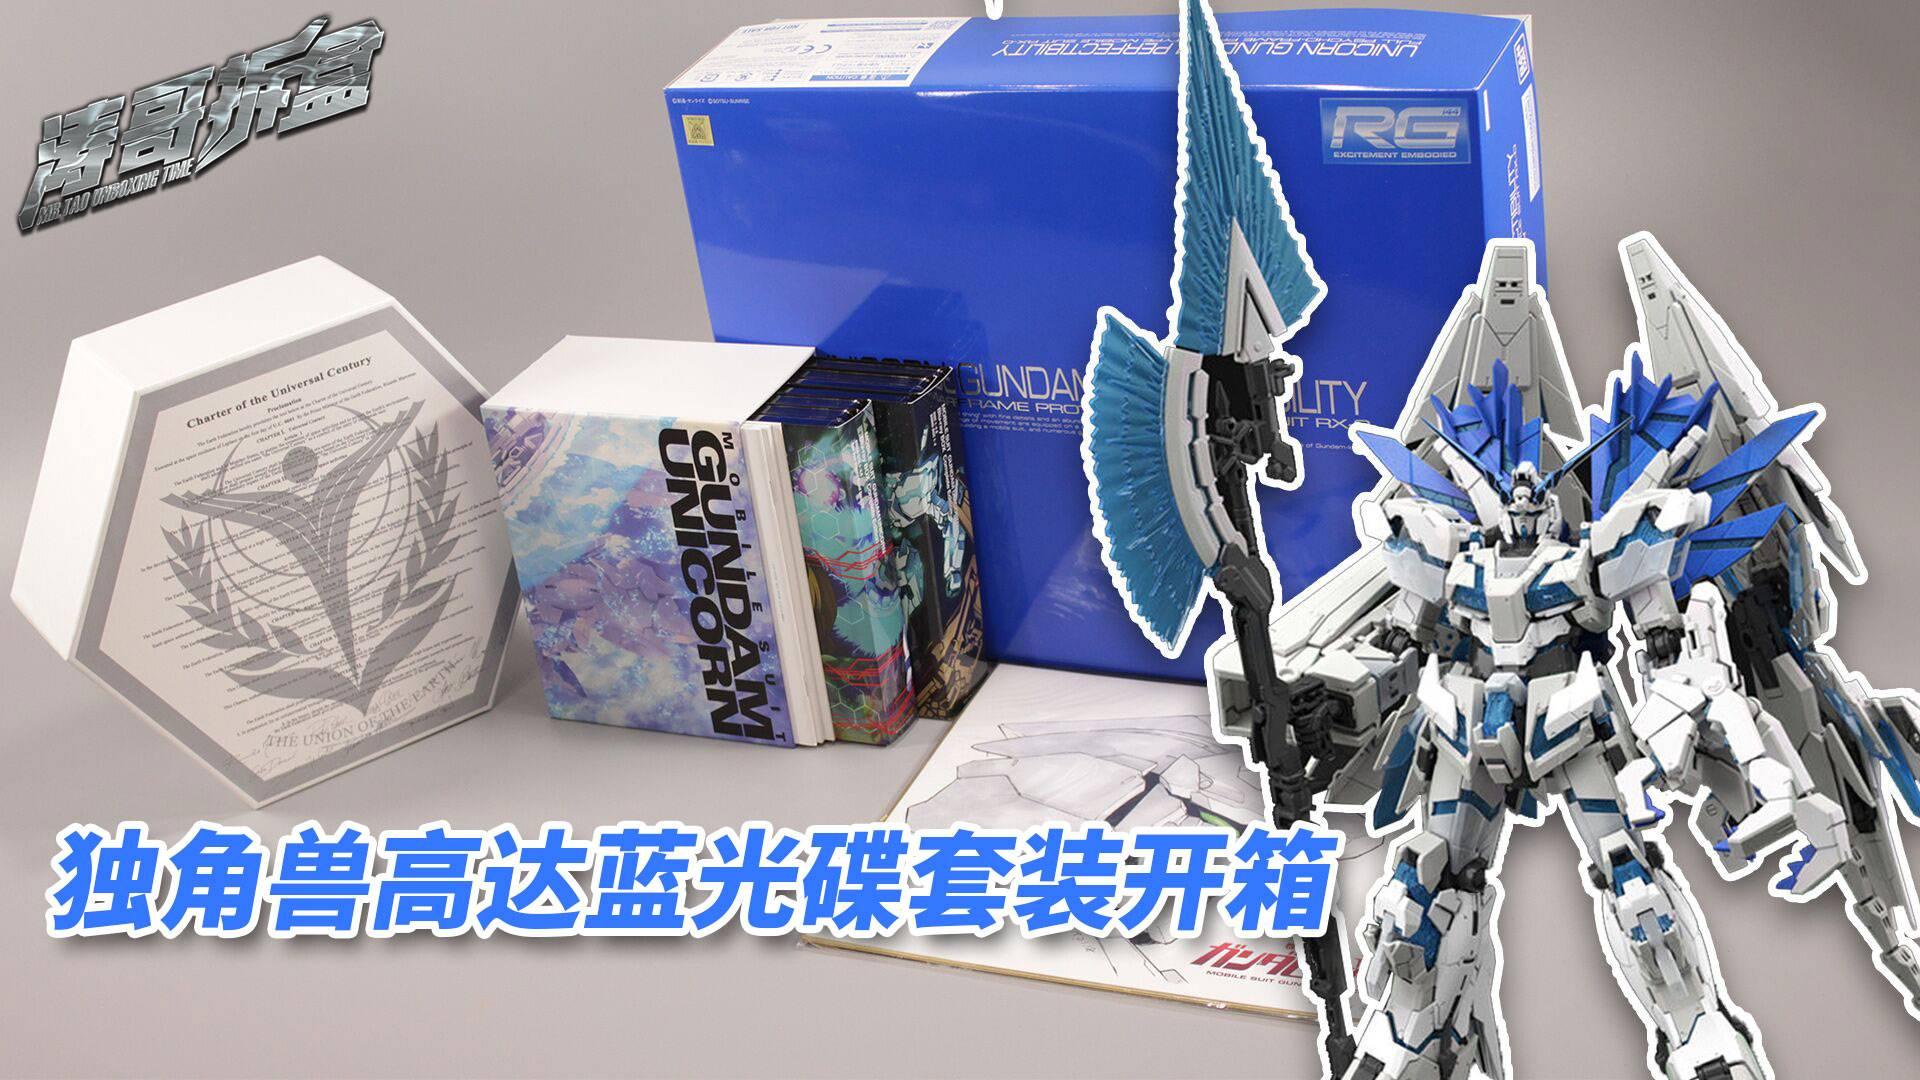 开箱独角兽高达蓝光碟套装,光附属的模型就值2000多元?【涛哥拆盒】